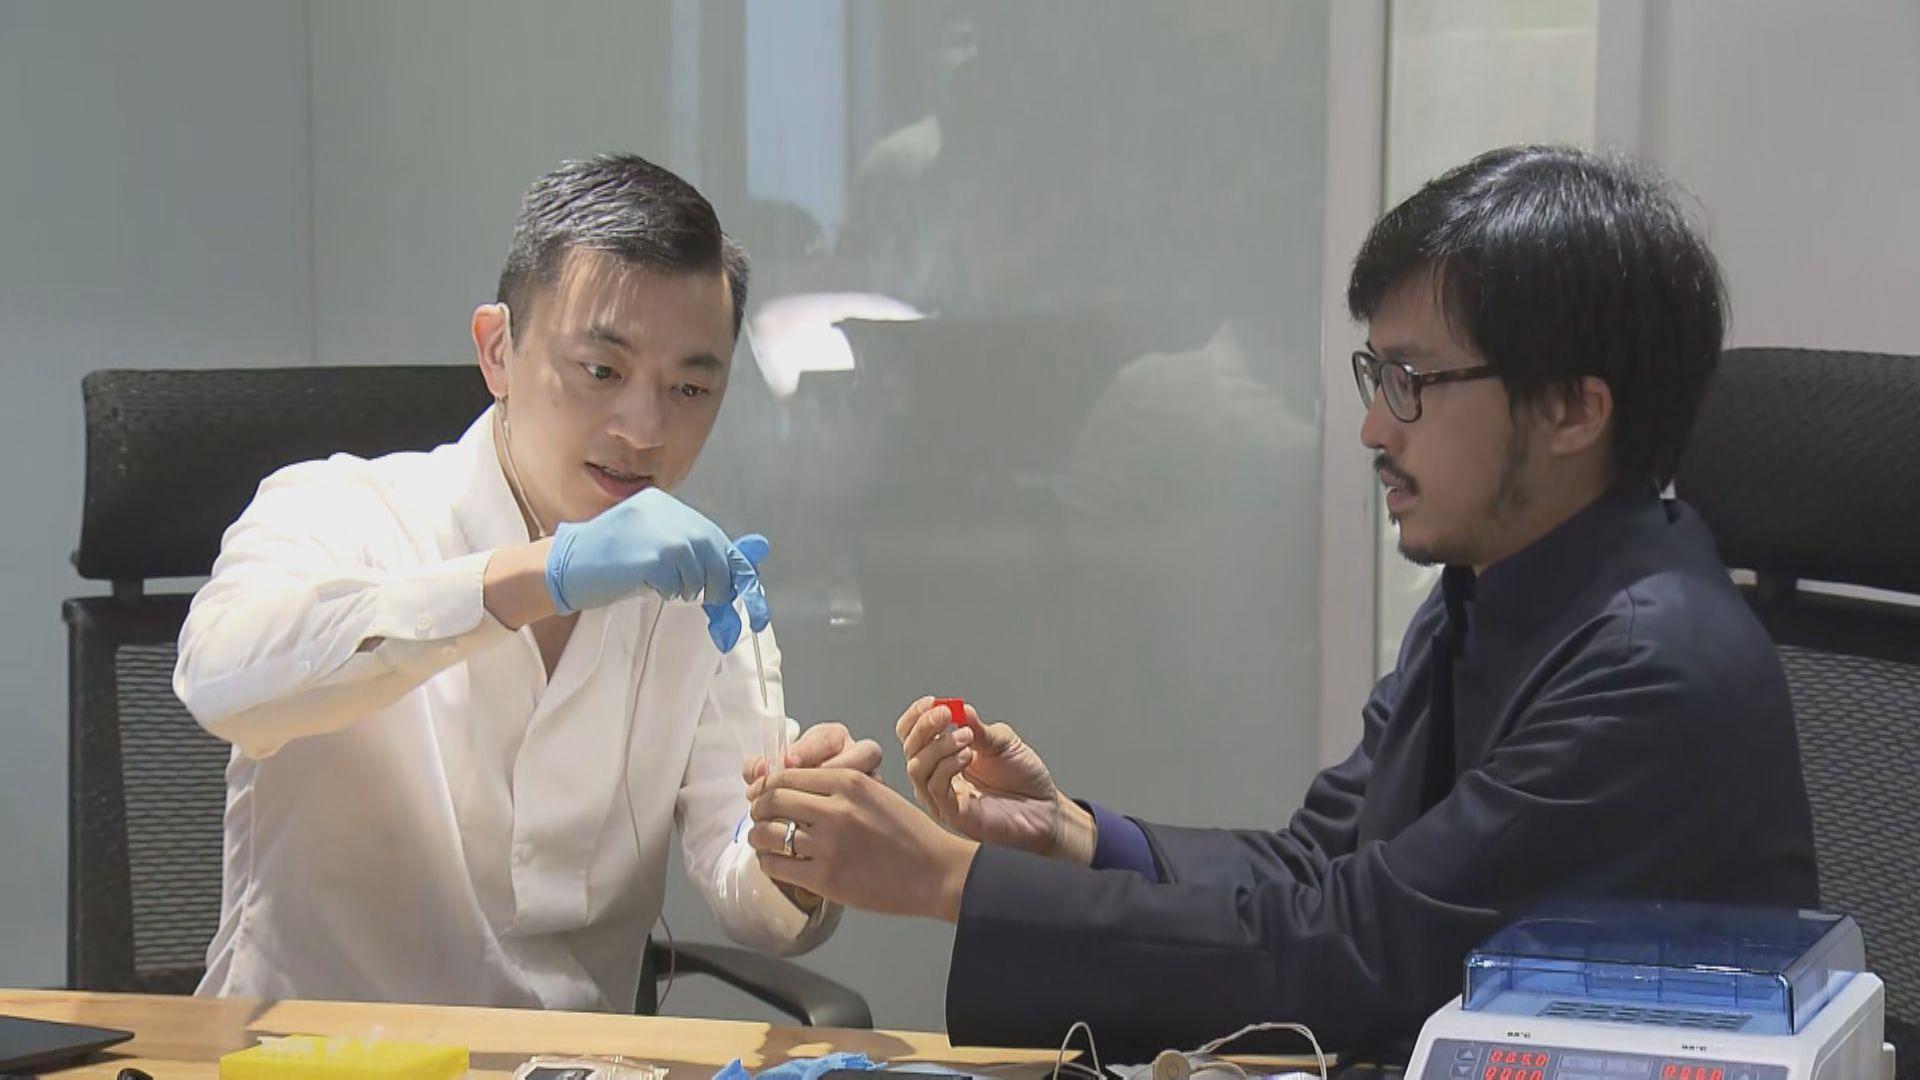 政府在機場試驗新冠病毒快速測試 約半小時有結果